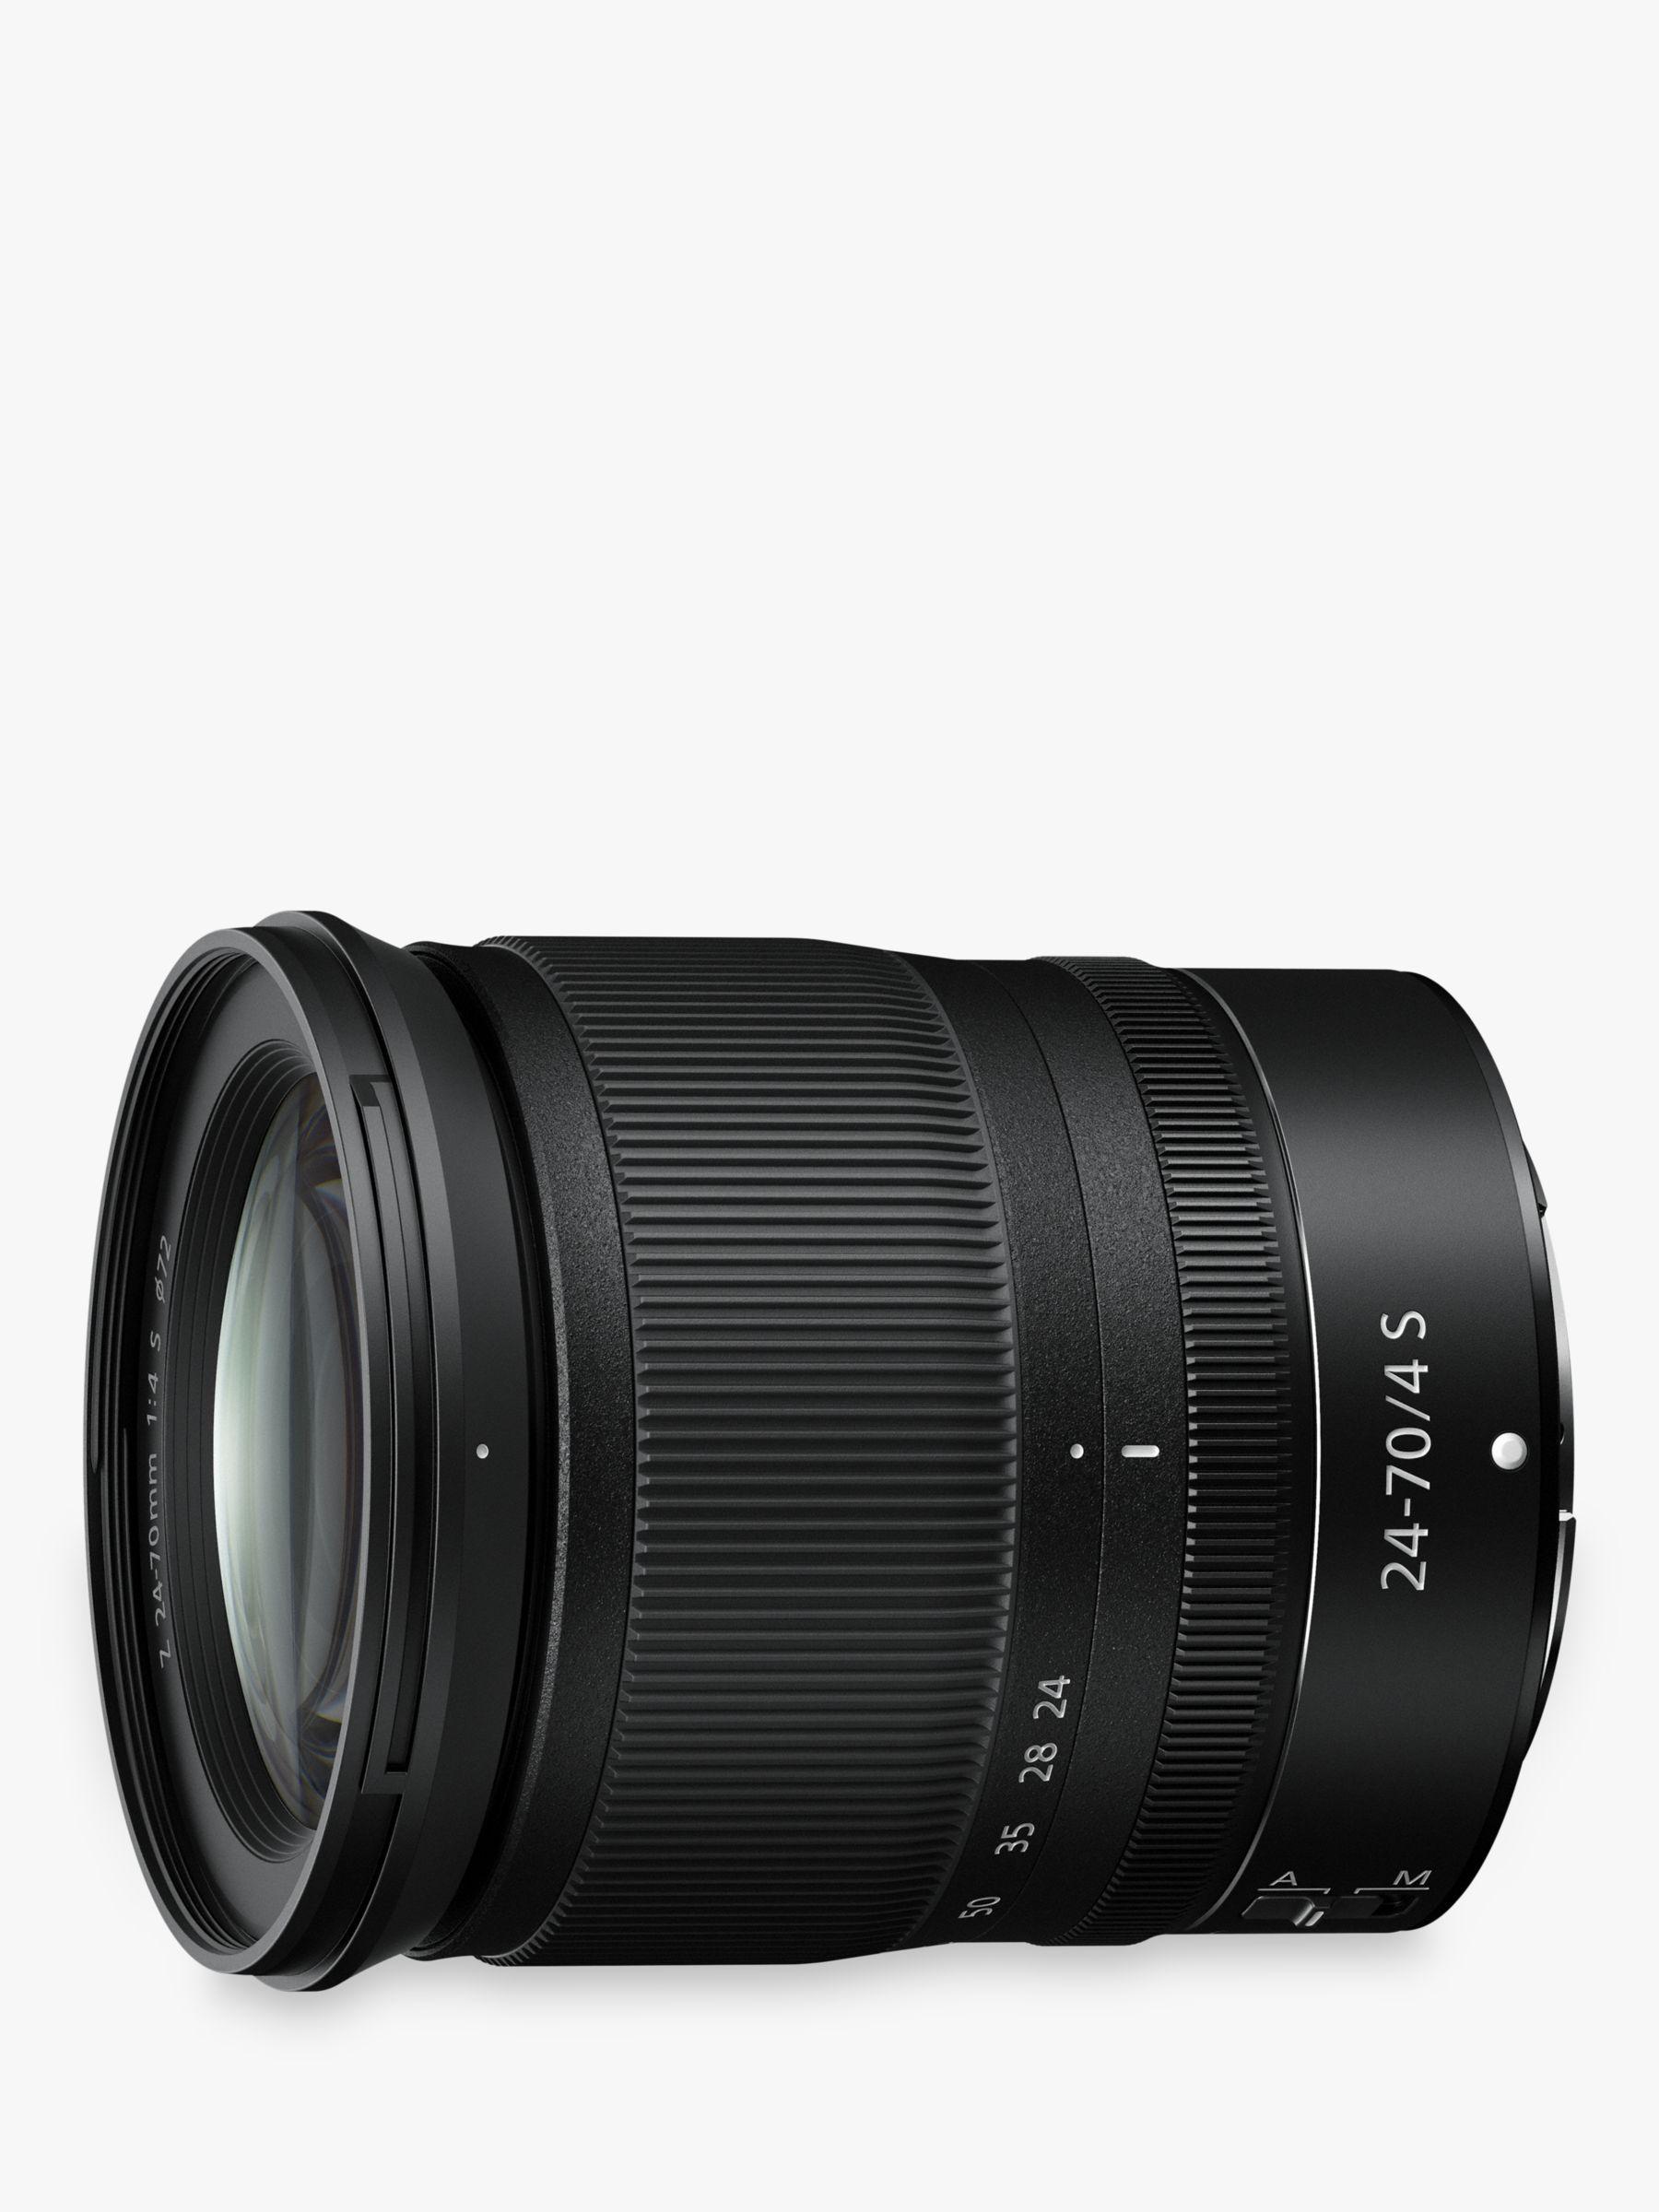 Nikon Nikon Z NIKKOR 24-70mm f/4 S Zoom Lens